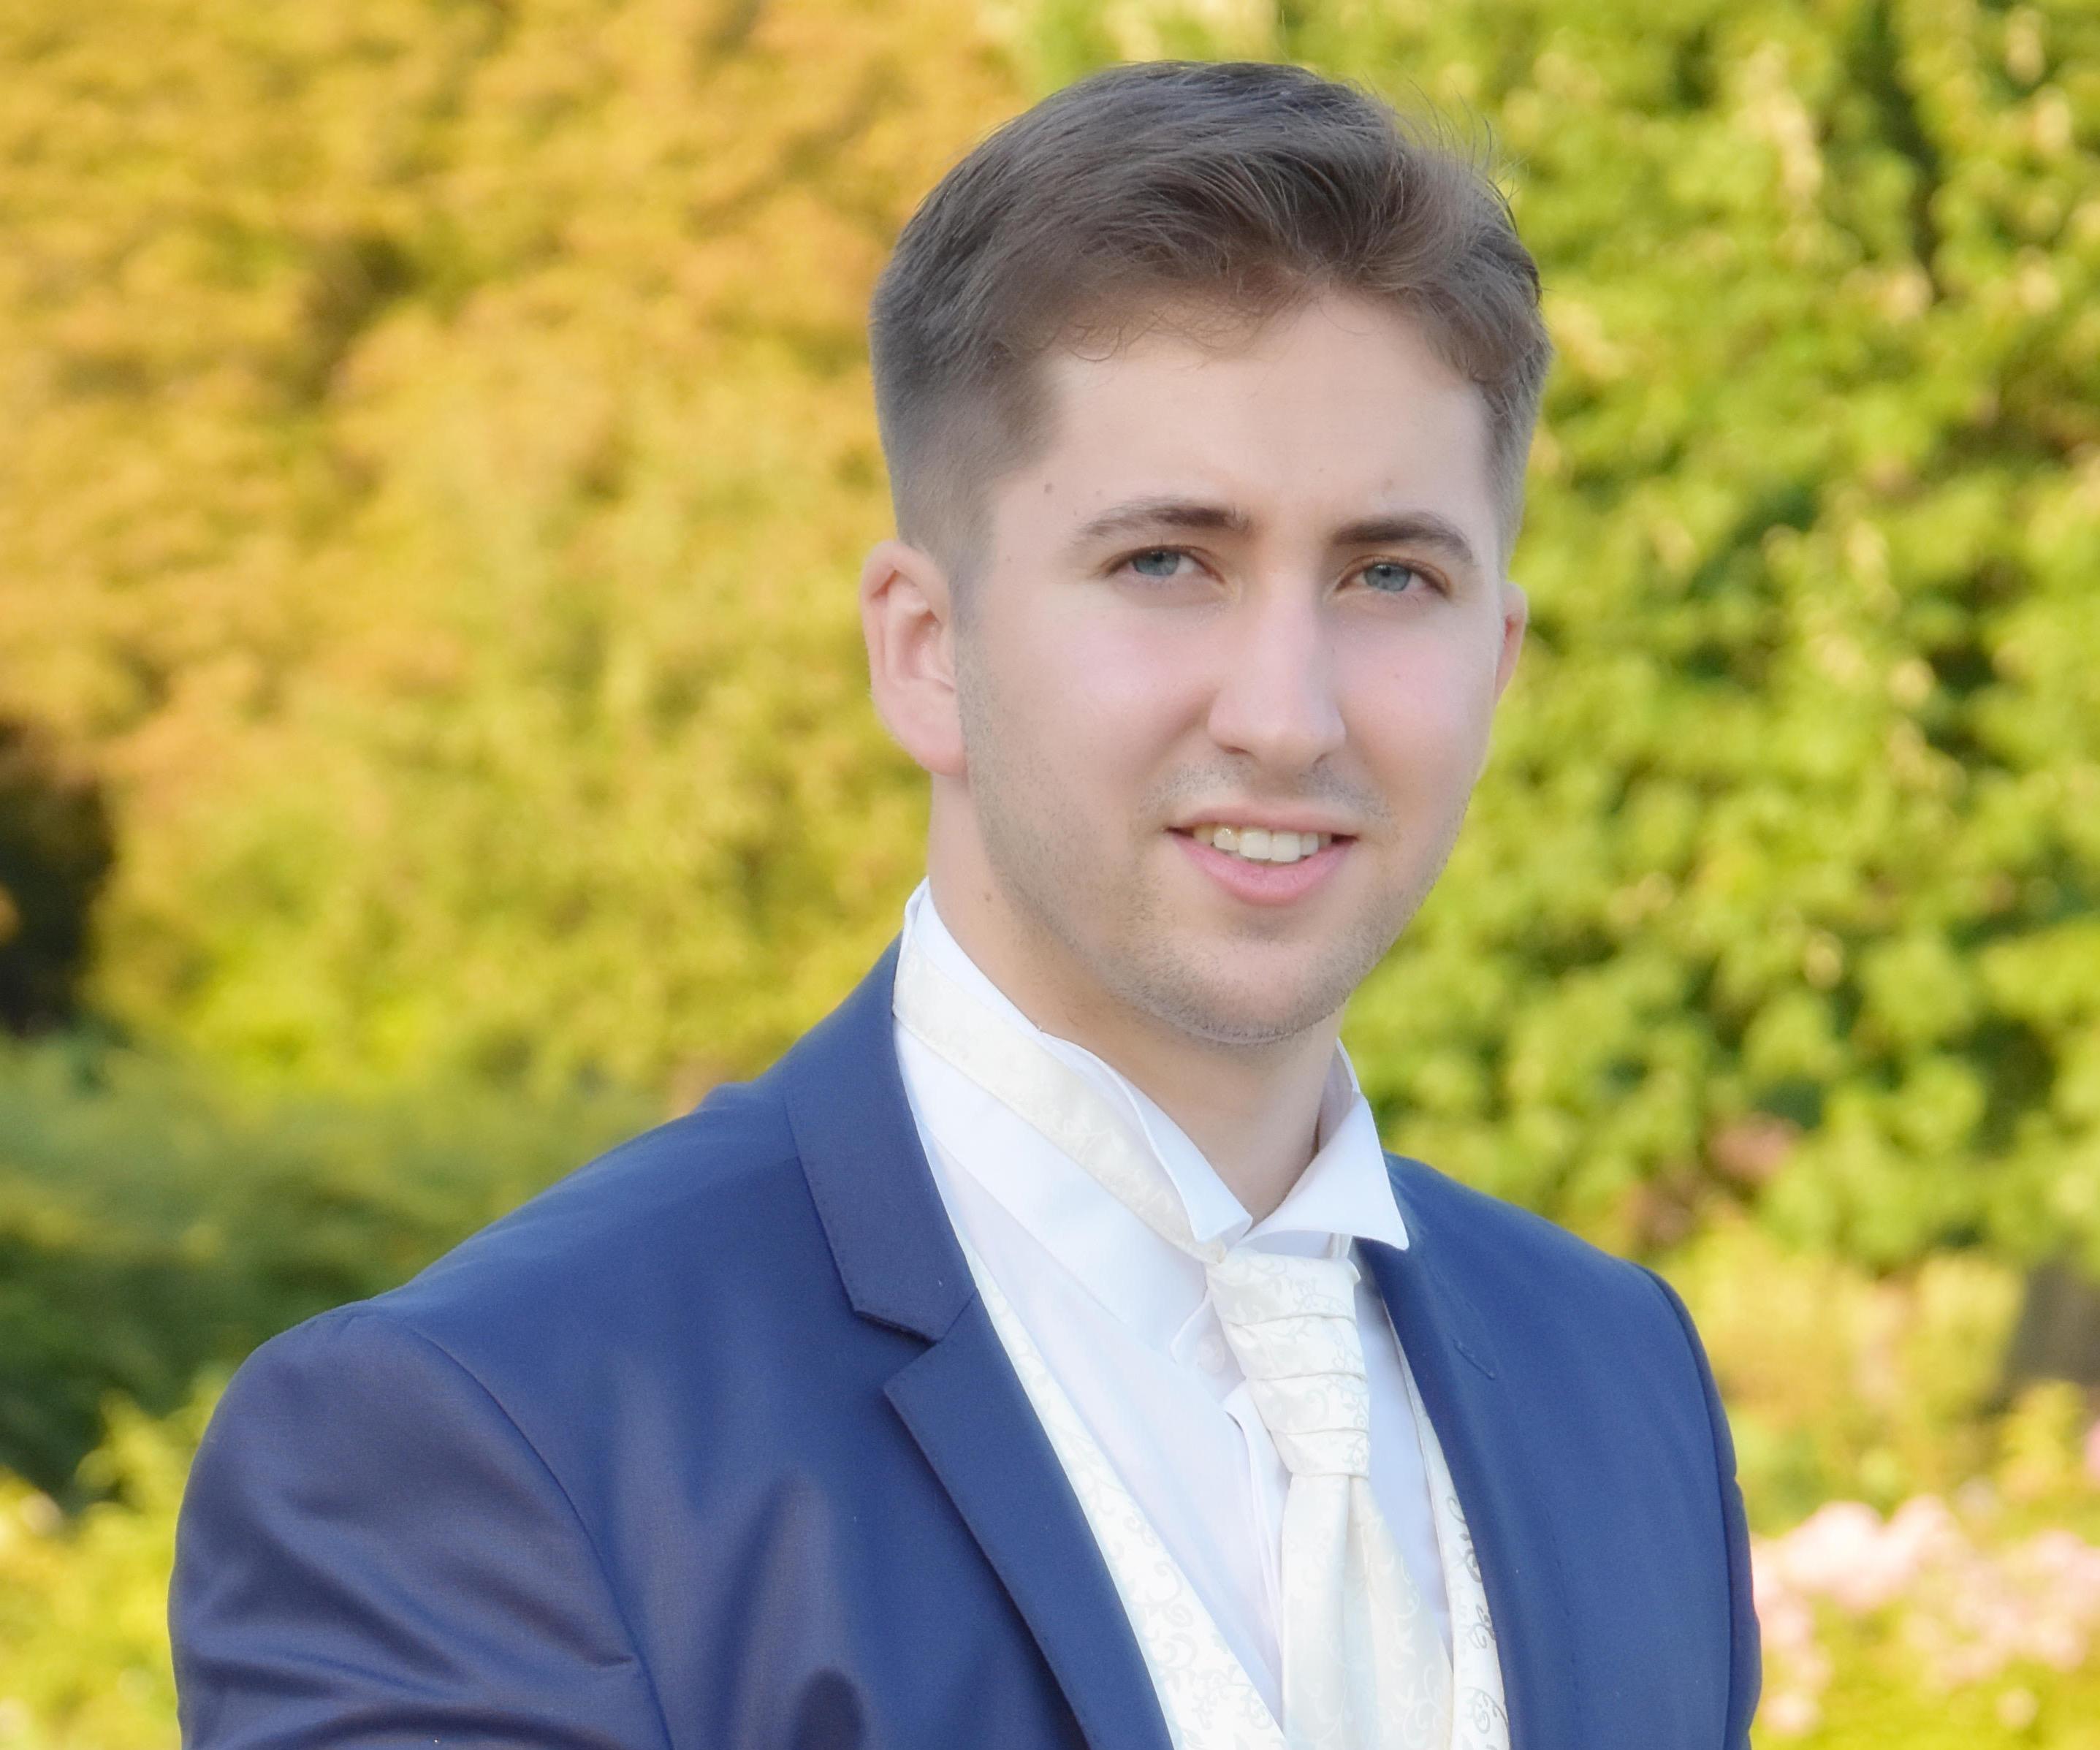 Jordan Arbus